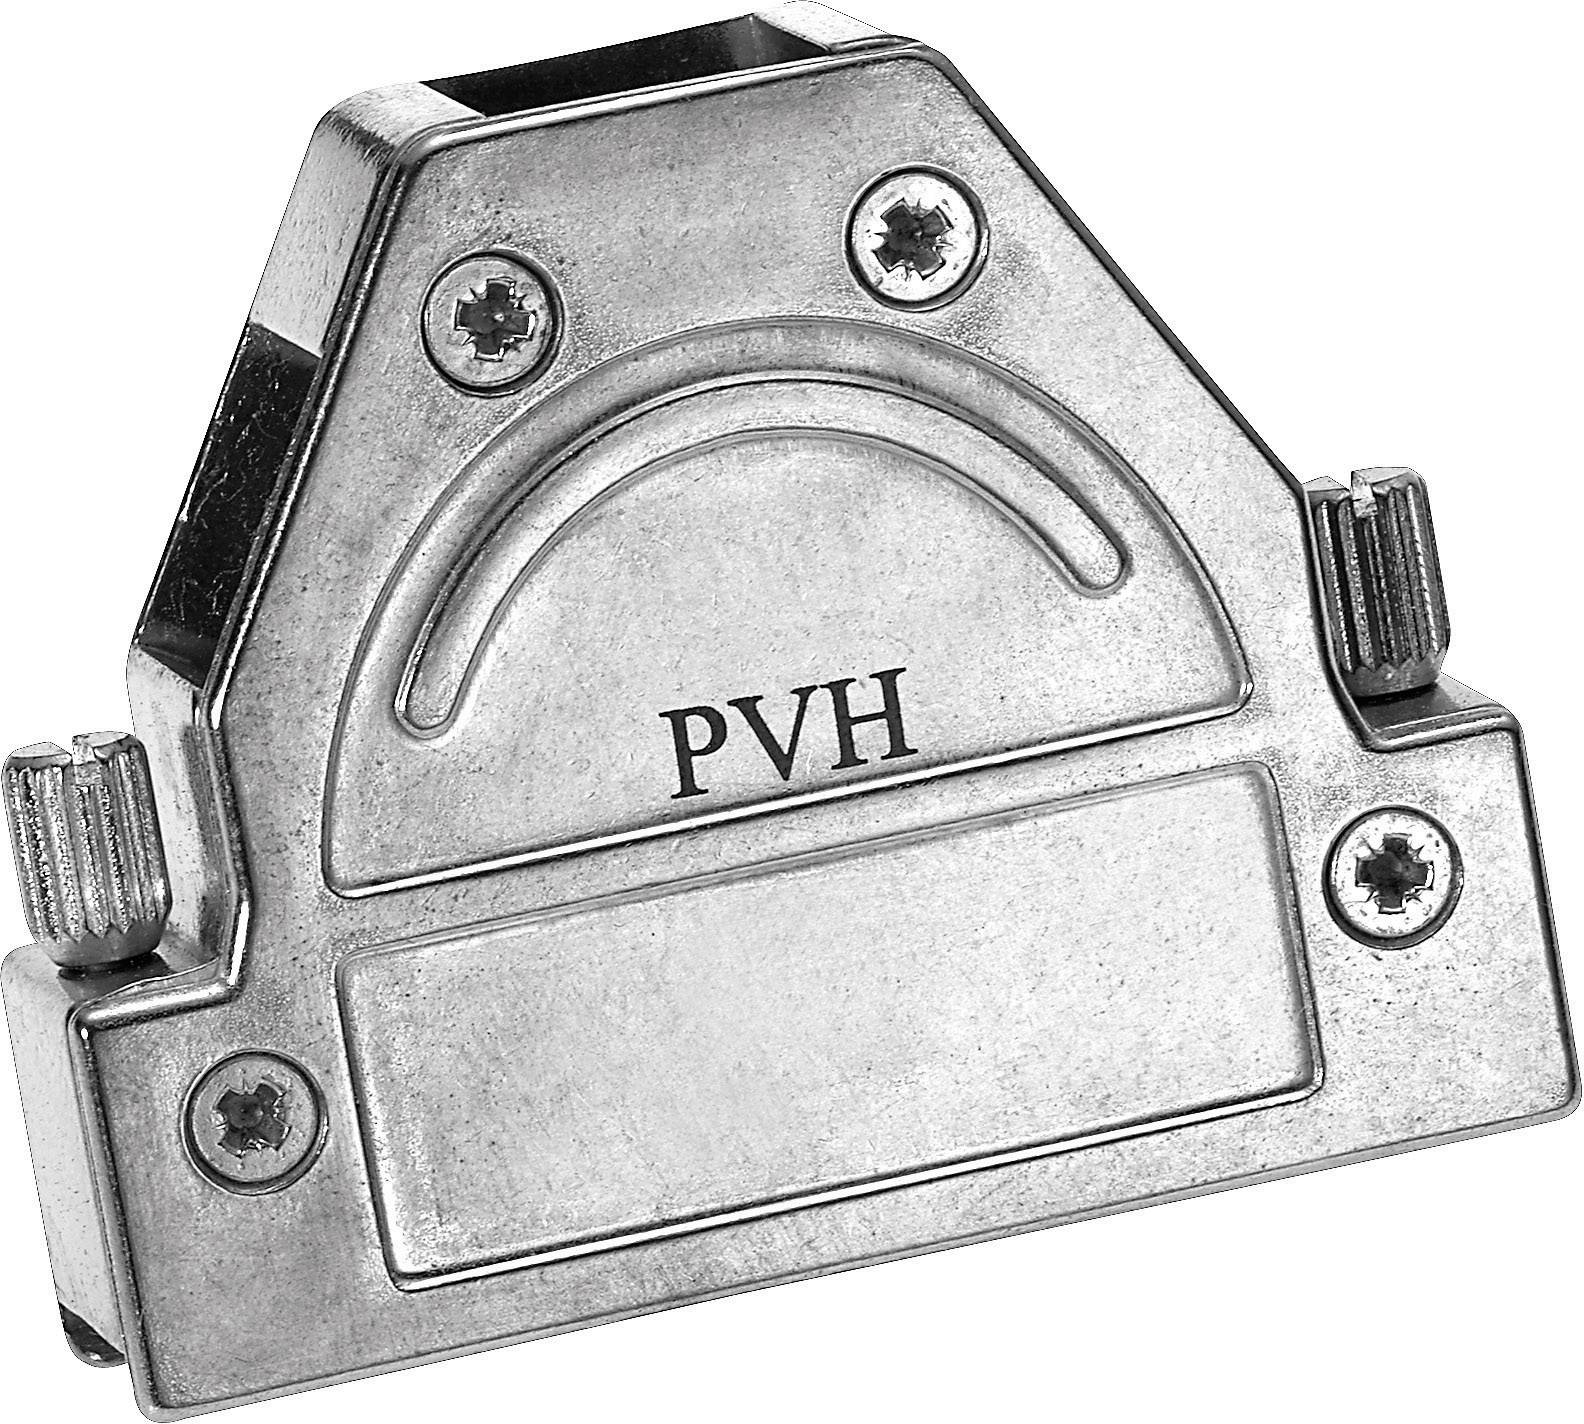 D-SUB pouzdro Provertha 1737DC25001 1737DC25001, pólů 37, kov, 180 °, stříbrná, 1 ks